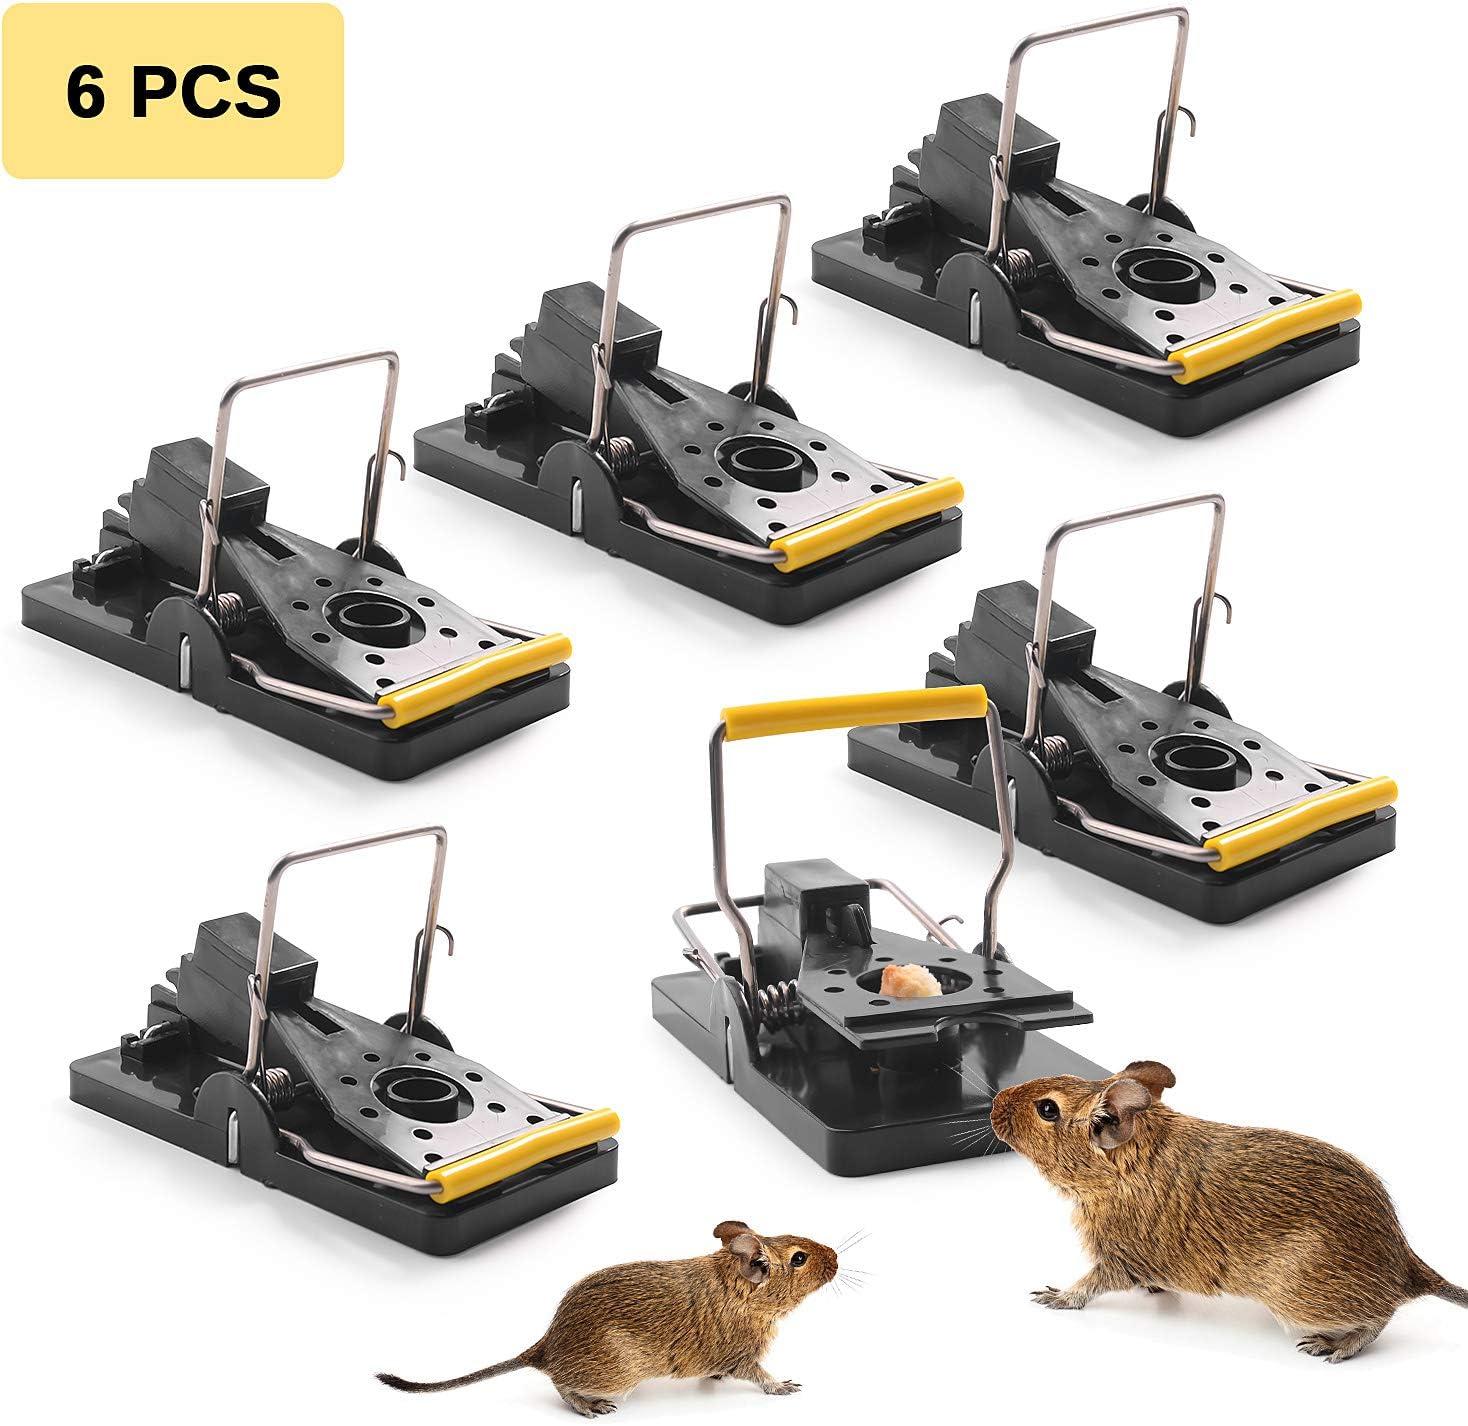 Herefun Trampa Ratones, 6 Piezas Trampa Reutilizable Ratas Ratoneras Trampa Ratas Trampas para Ratones Pequeños para Hogar Ático Garaje Cocina